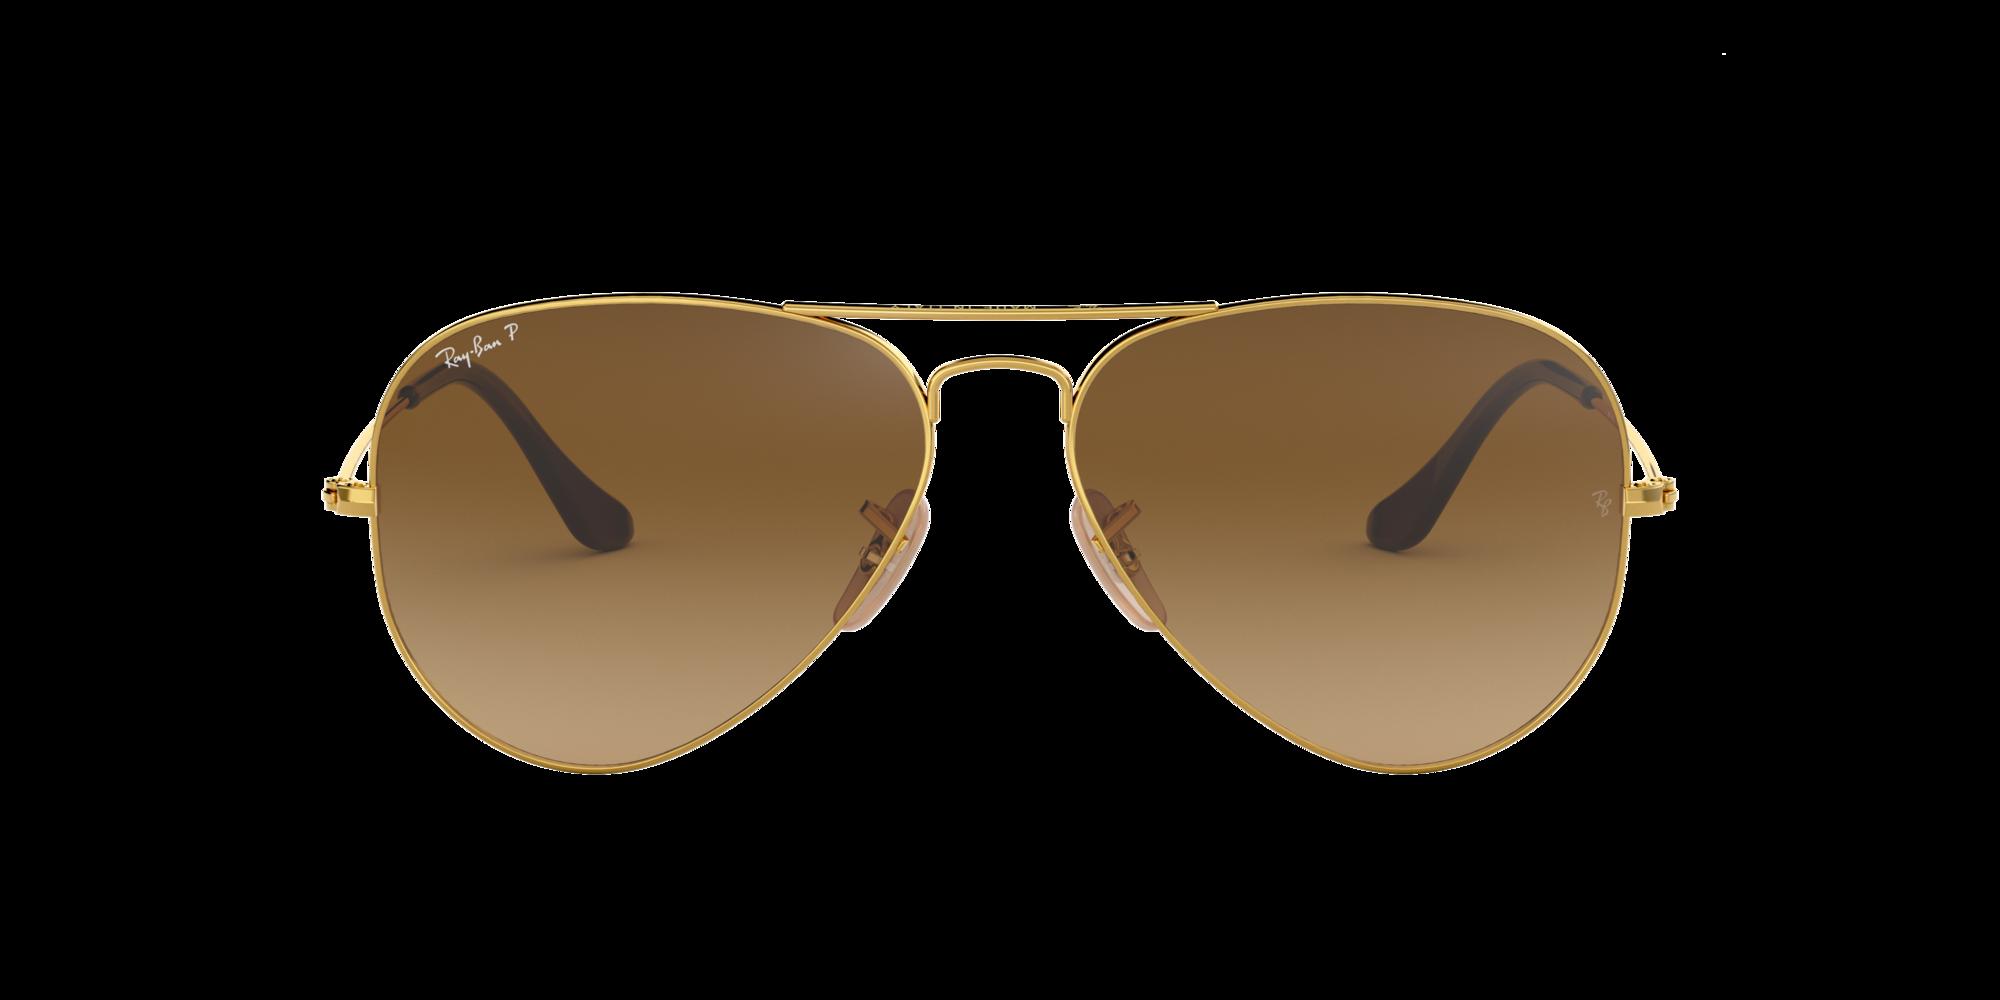 Imagen para RB3025 58 AVI LG MTL de LensCrafters |  Espejuelos, espejuelos graduados en línea, gafas